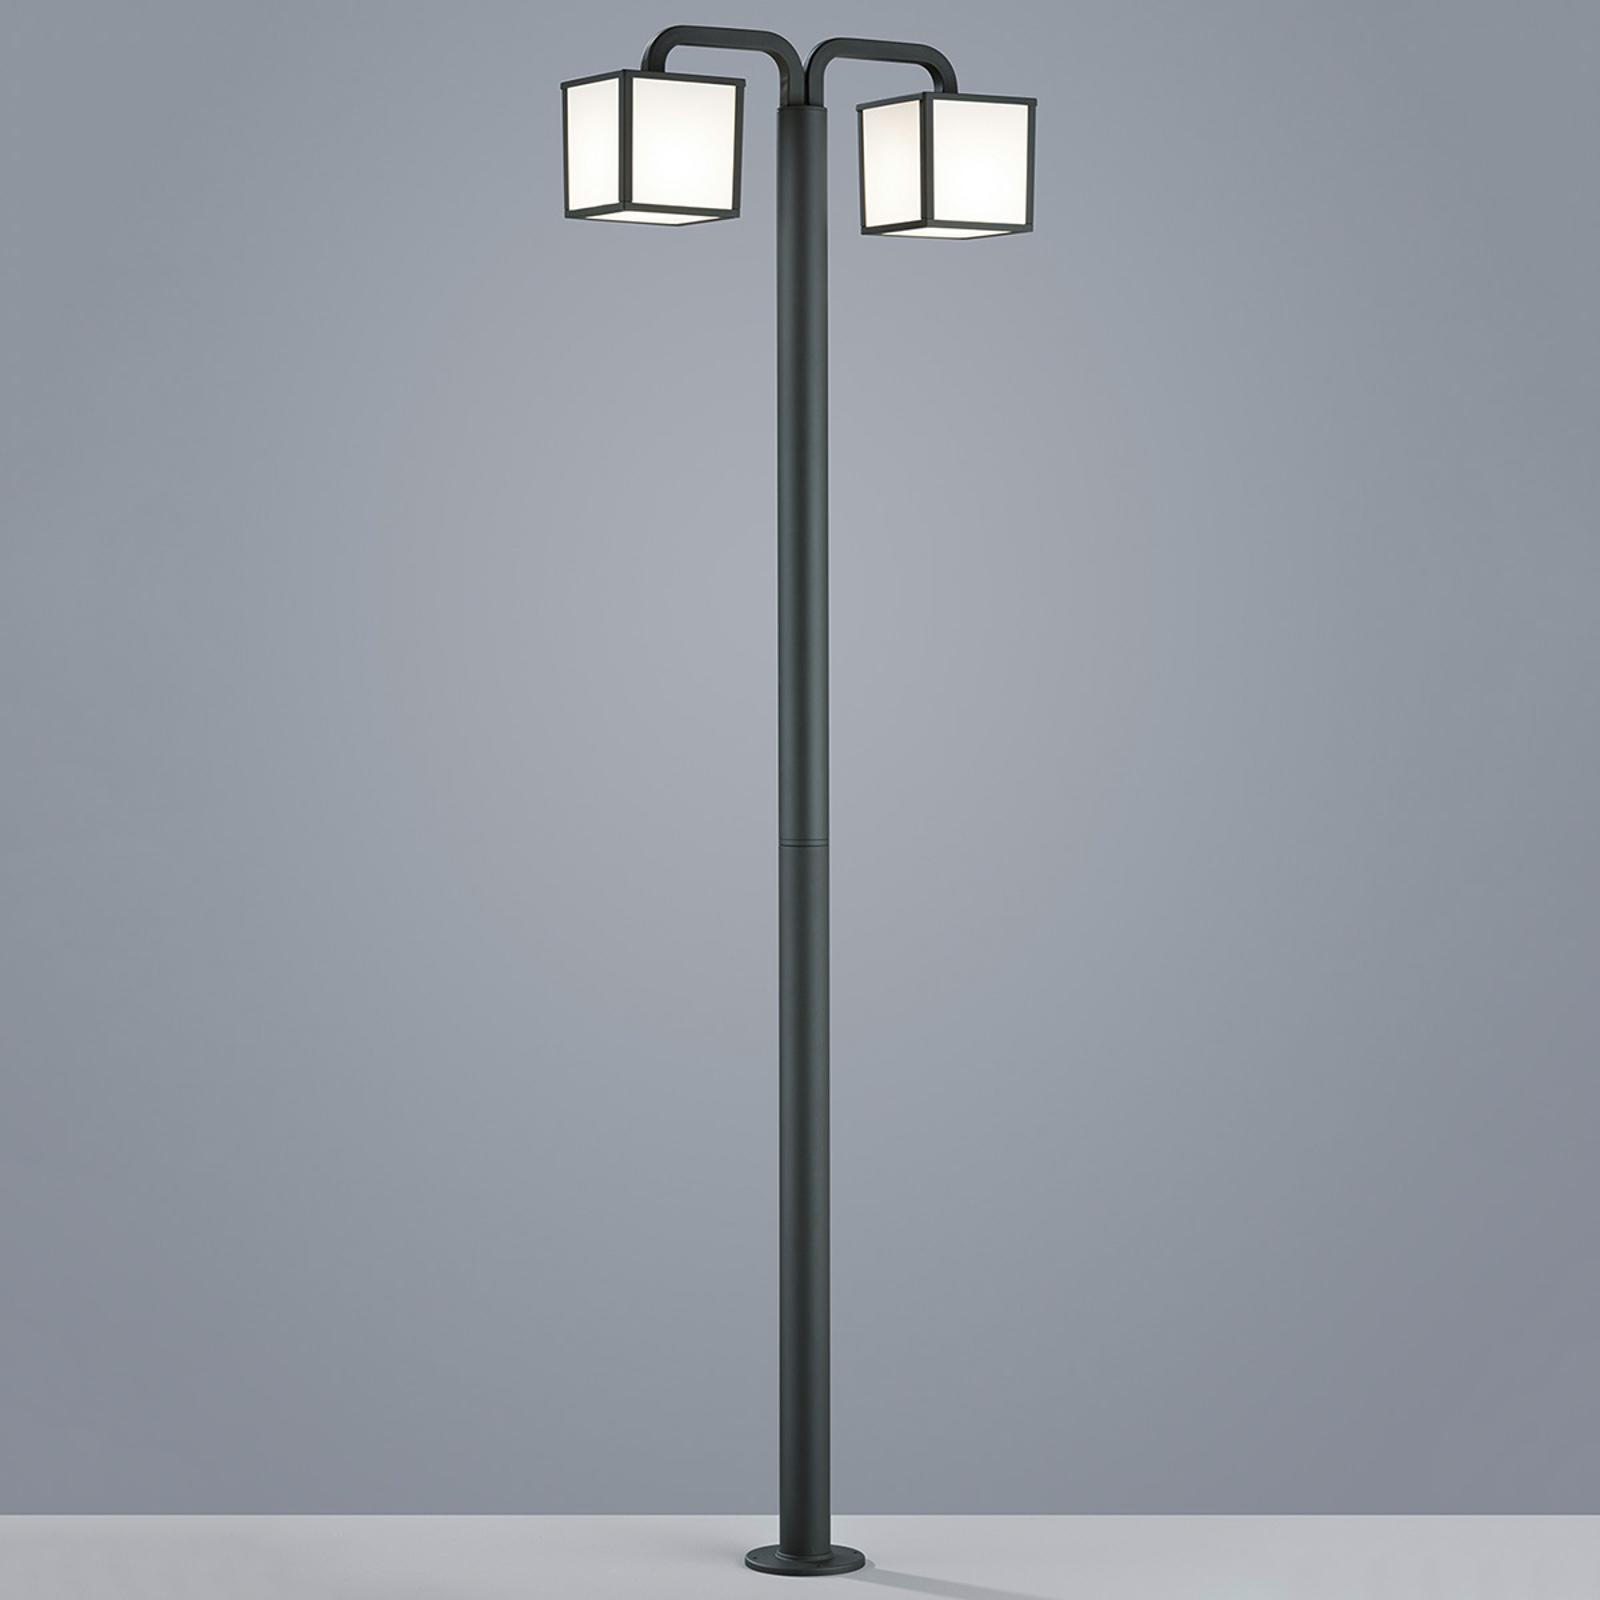 Mast 2 Leuchten für Gartenbeleuchtung aus Aluminium Artemide